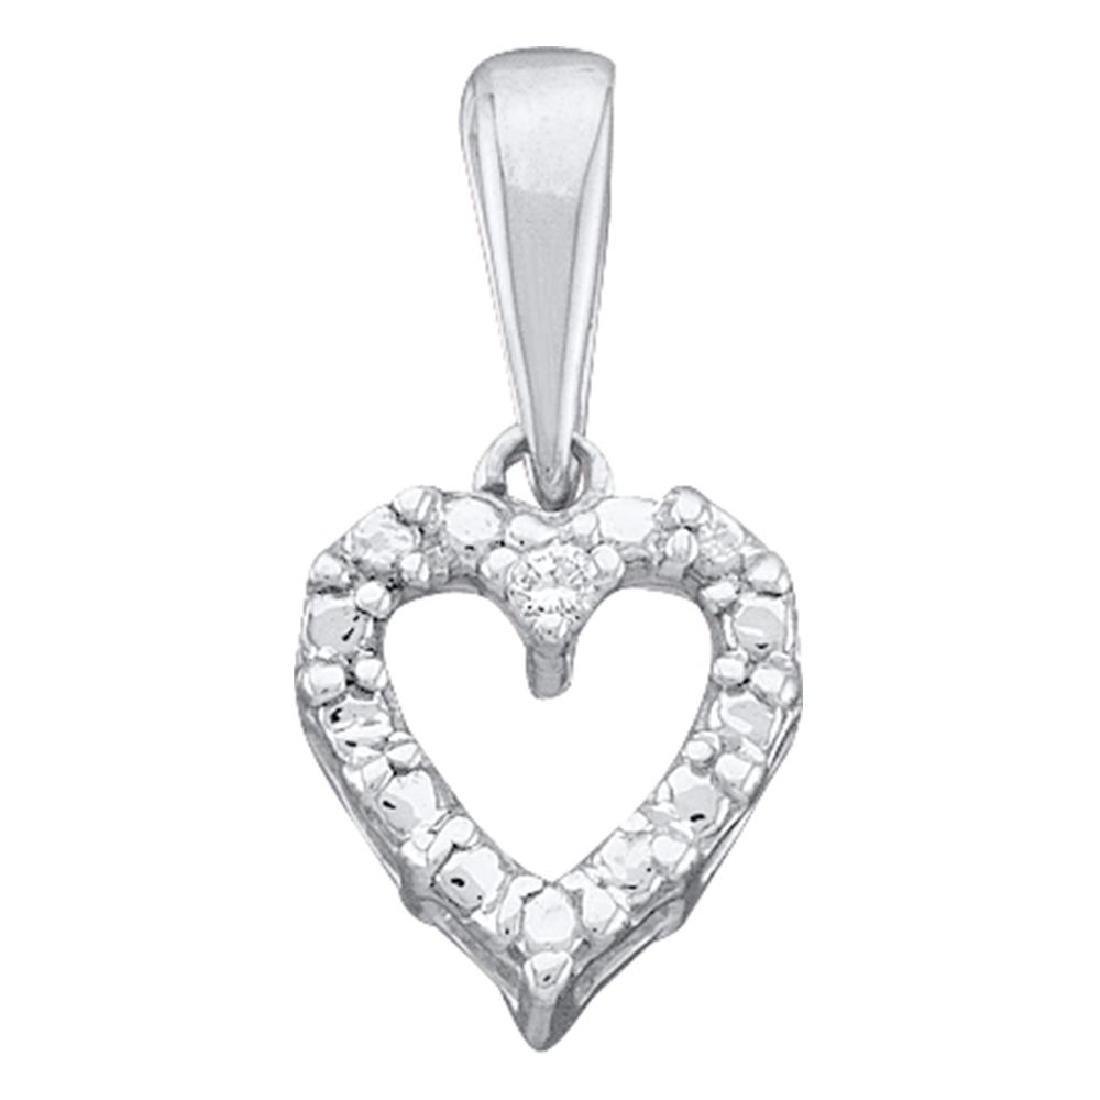 0.01 CTW Diamond Heart Love Pendant 14KT White Gold -